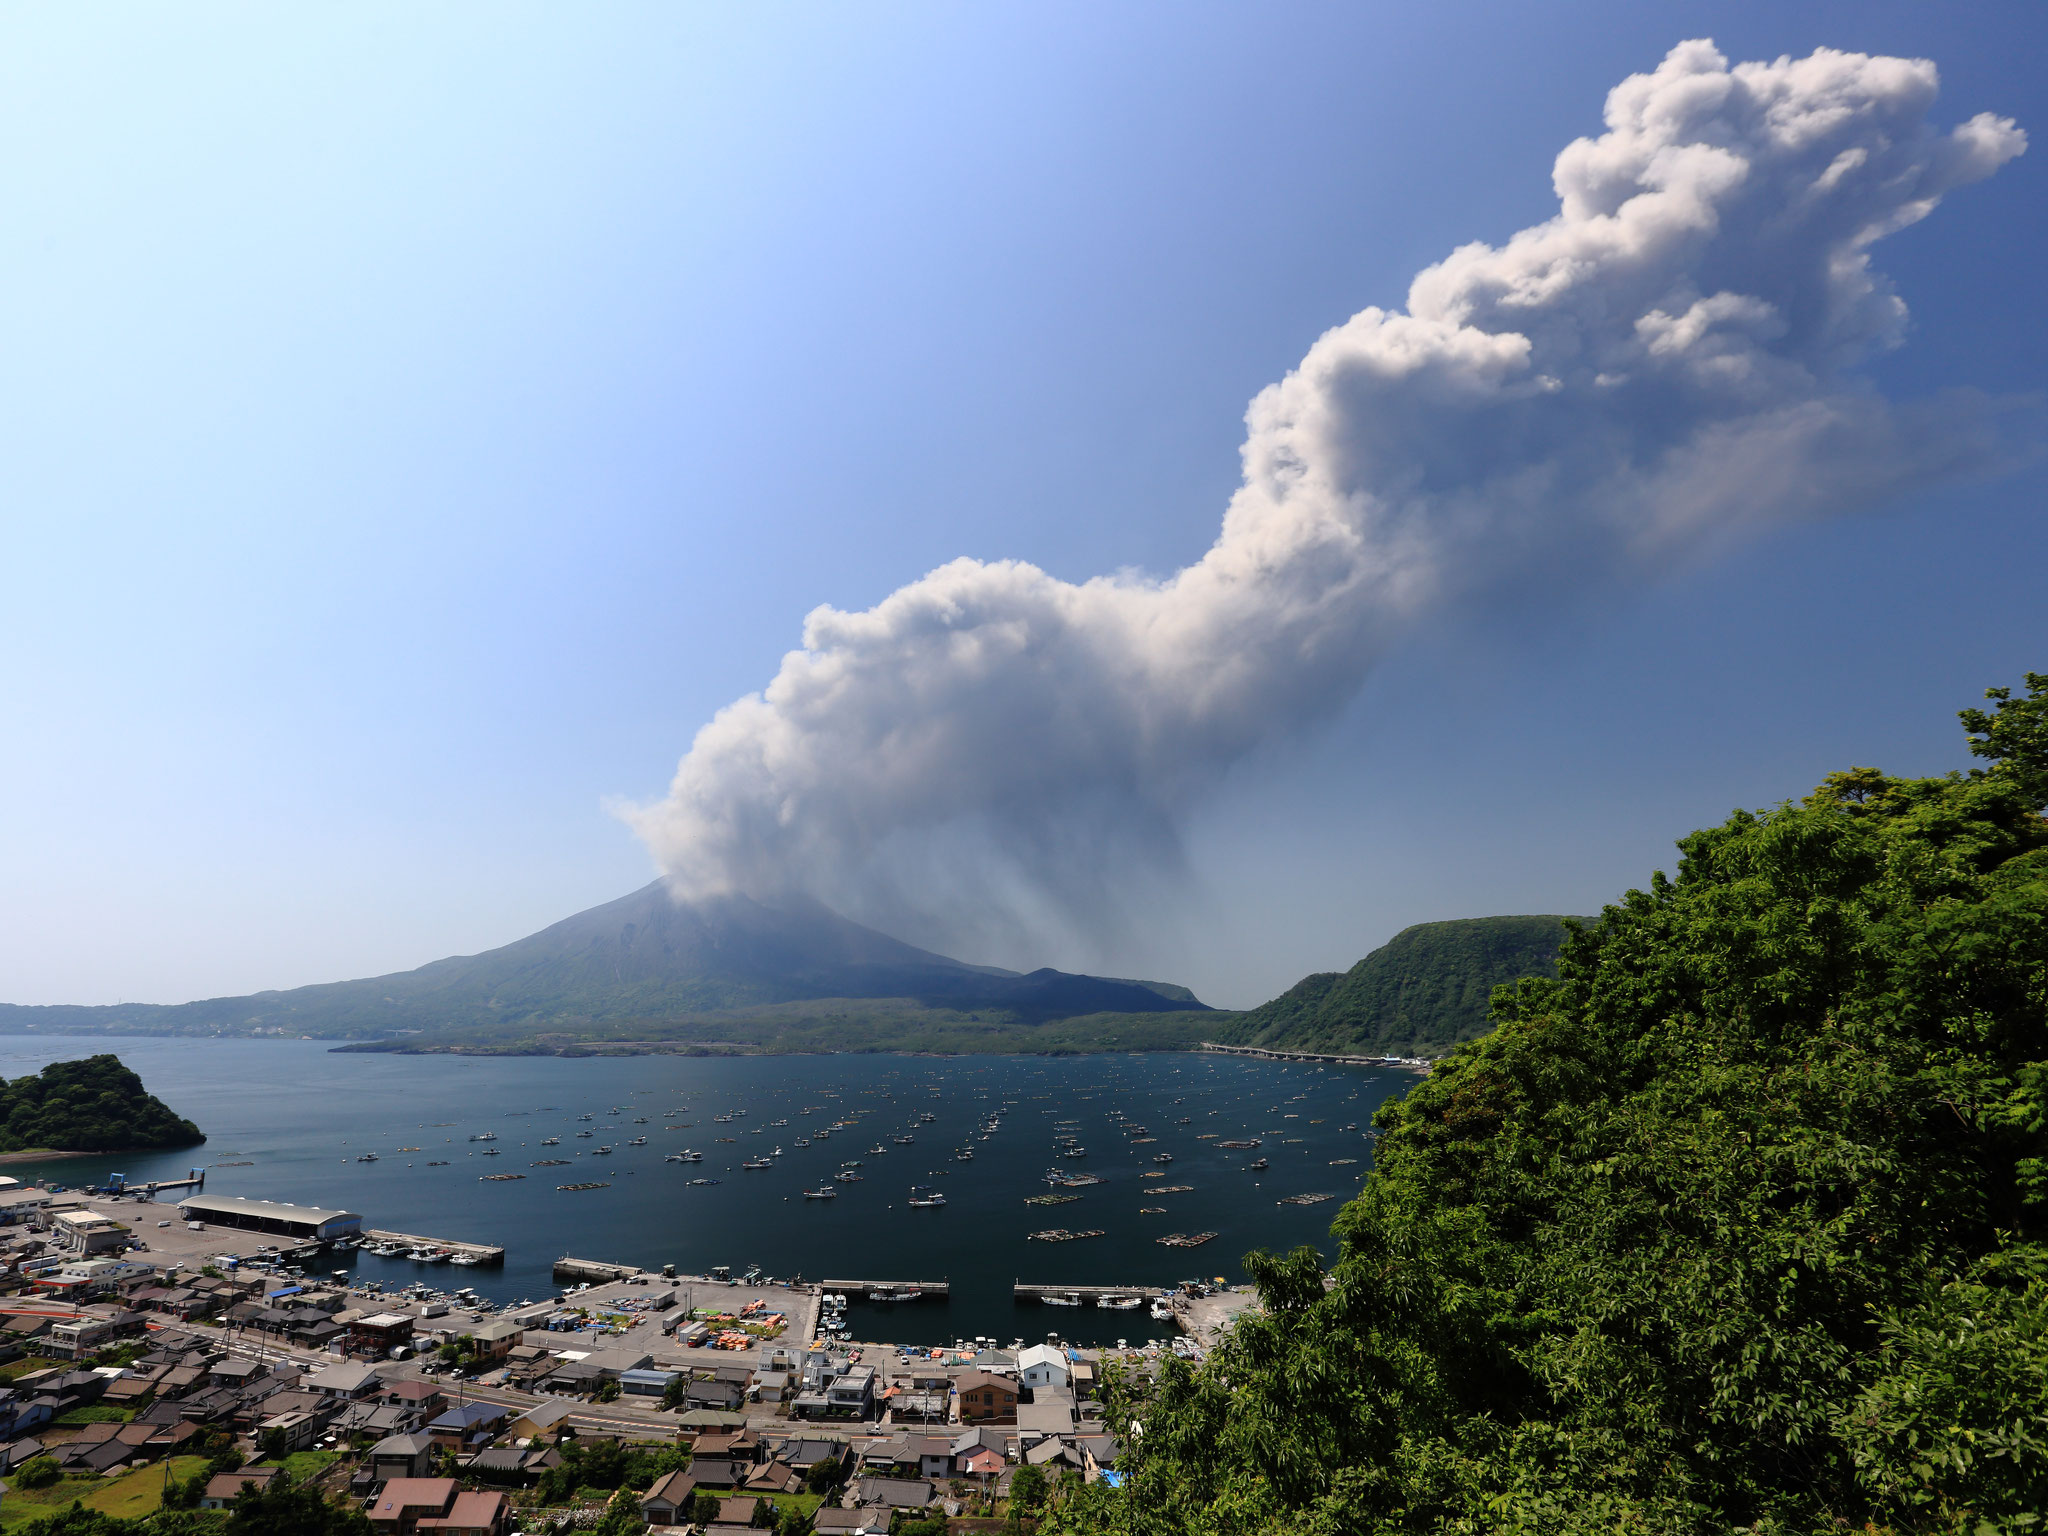 活発化してきた桜島、噴火も多くなってきました。(5/14 垂水市海潟)